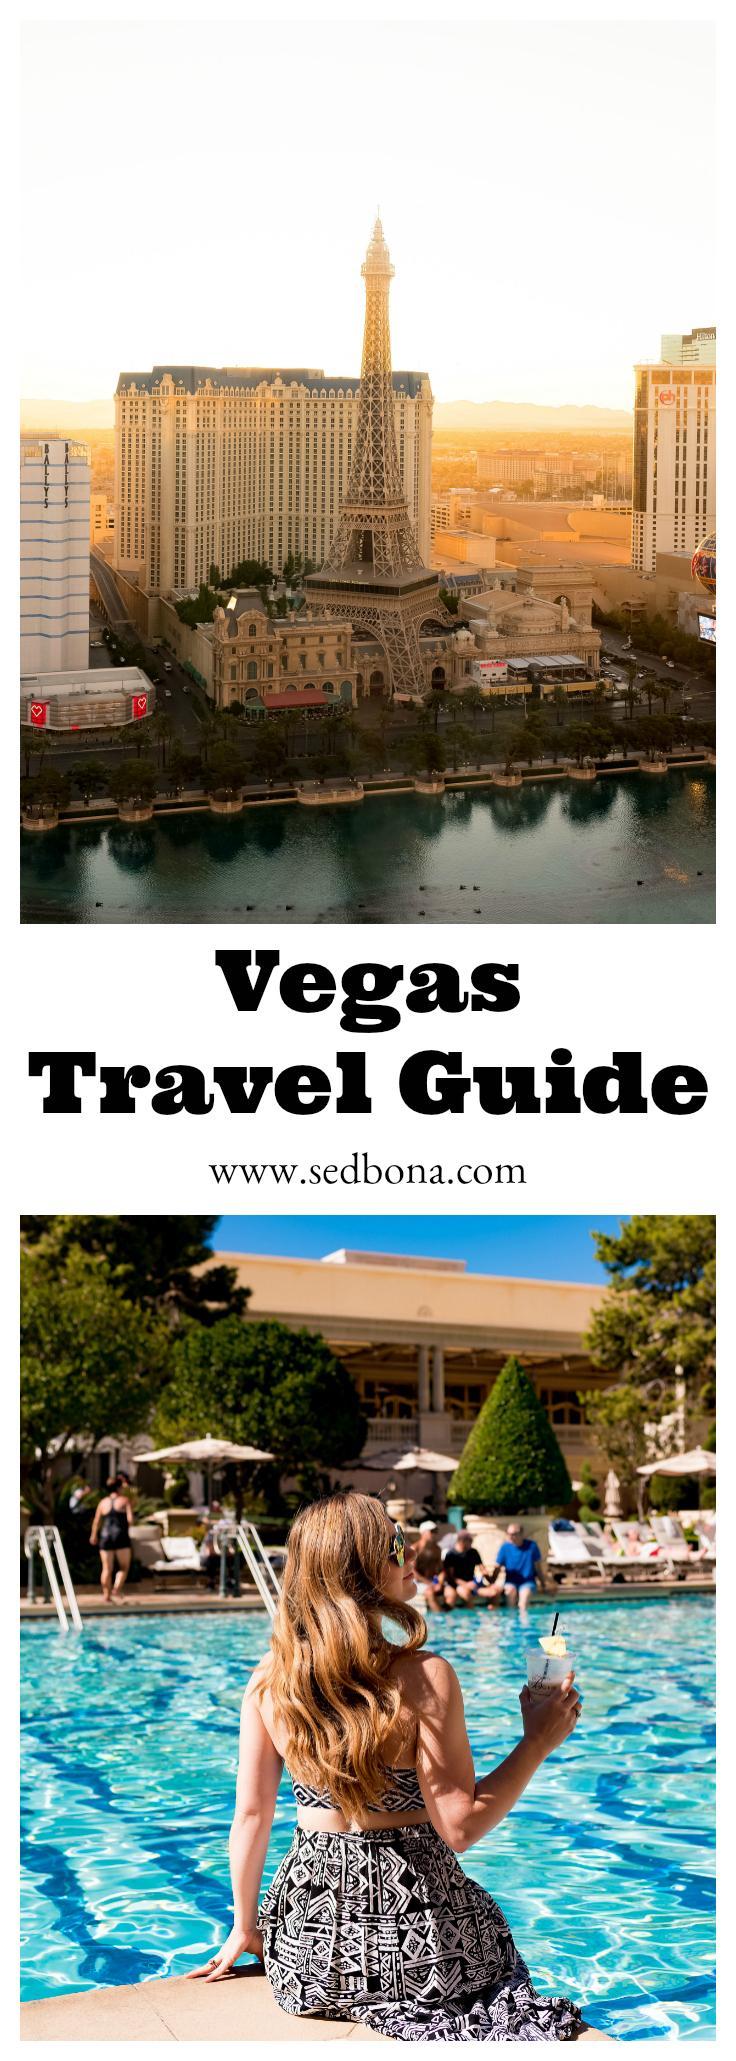 Vegas Travel Guide Sed Bona